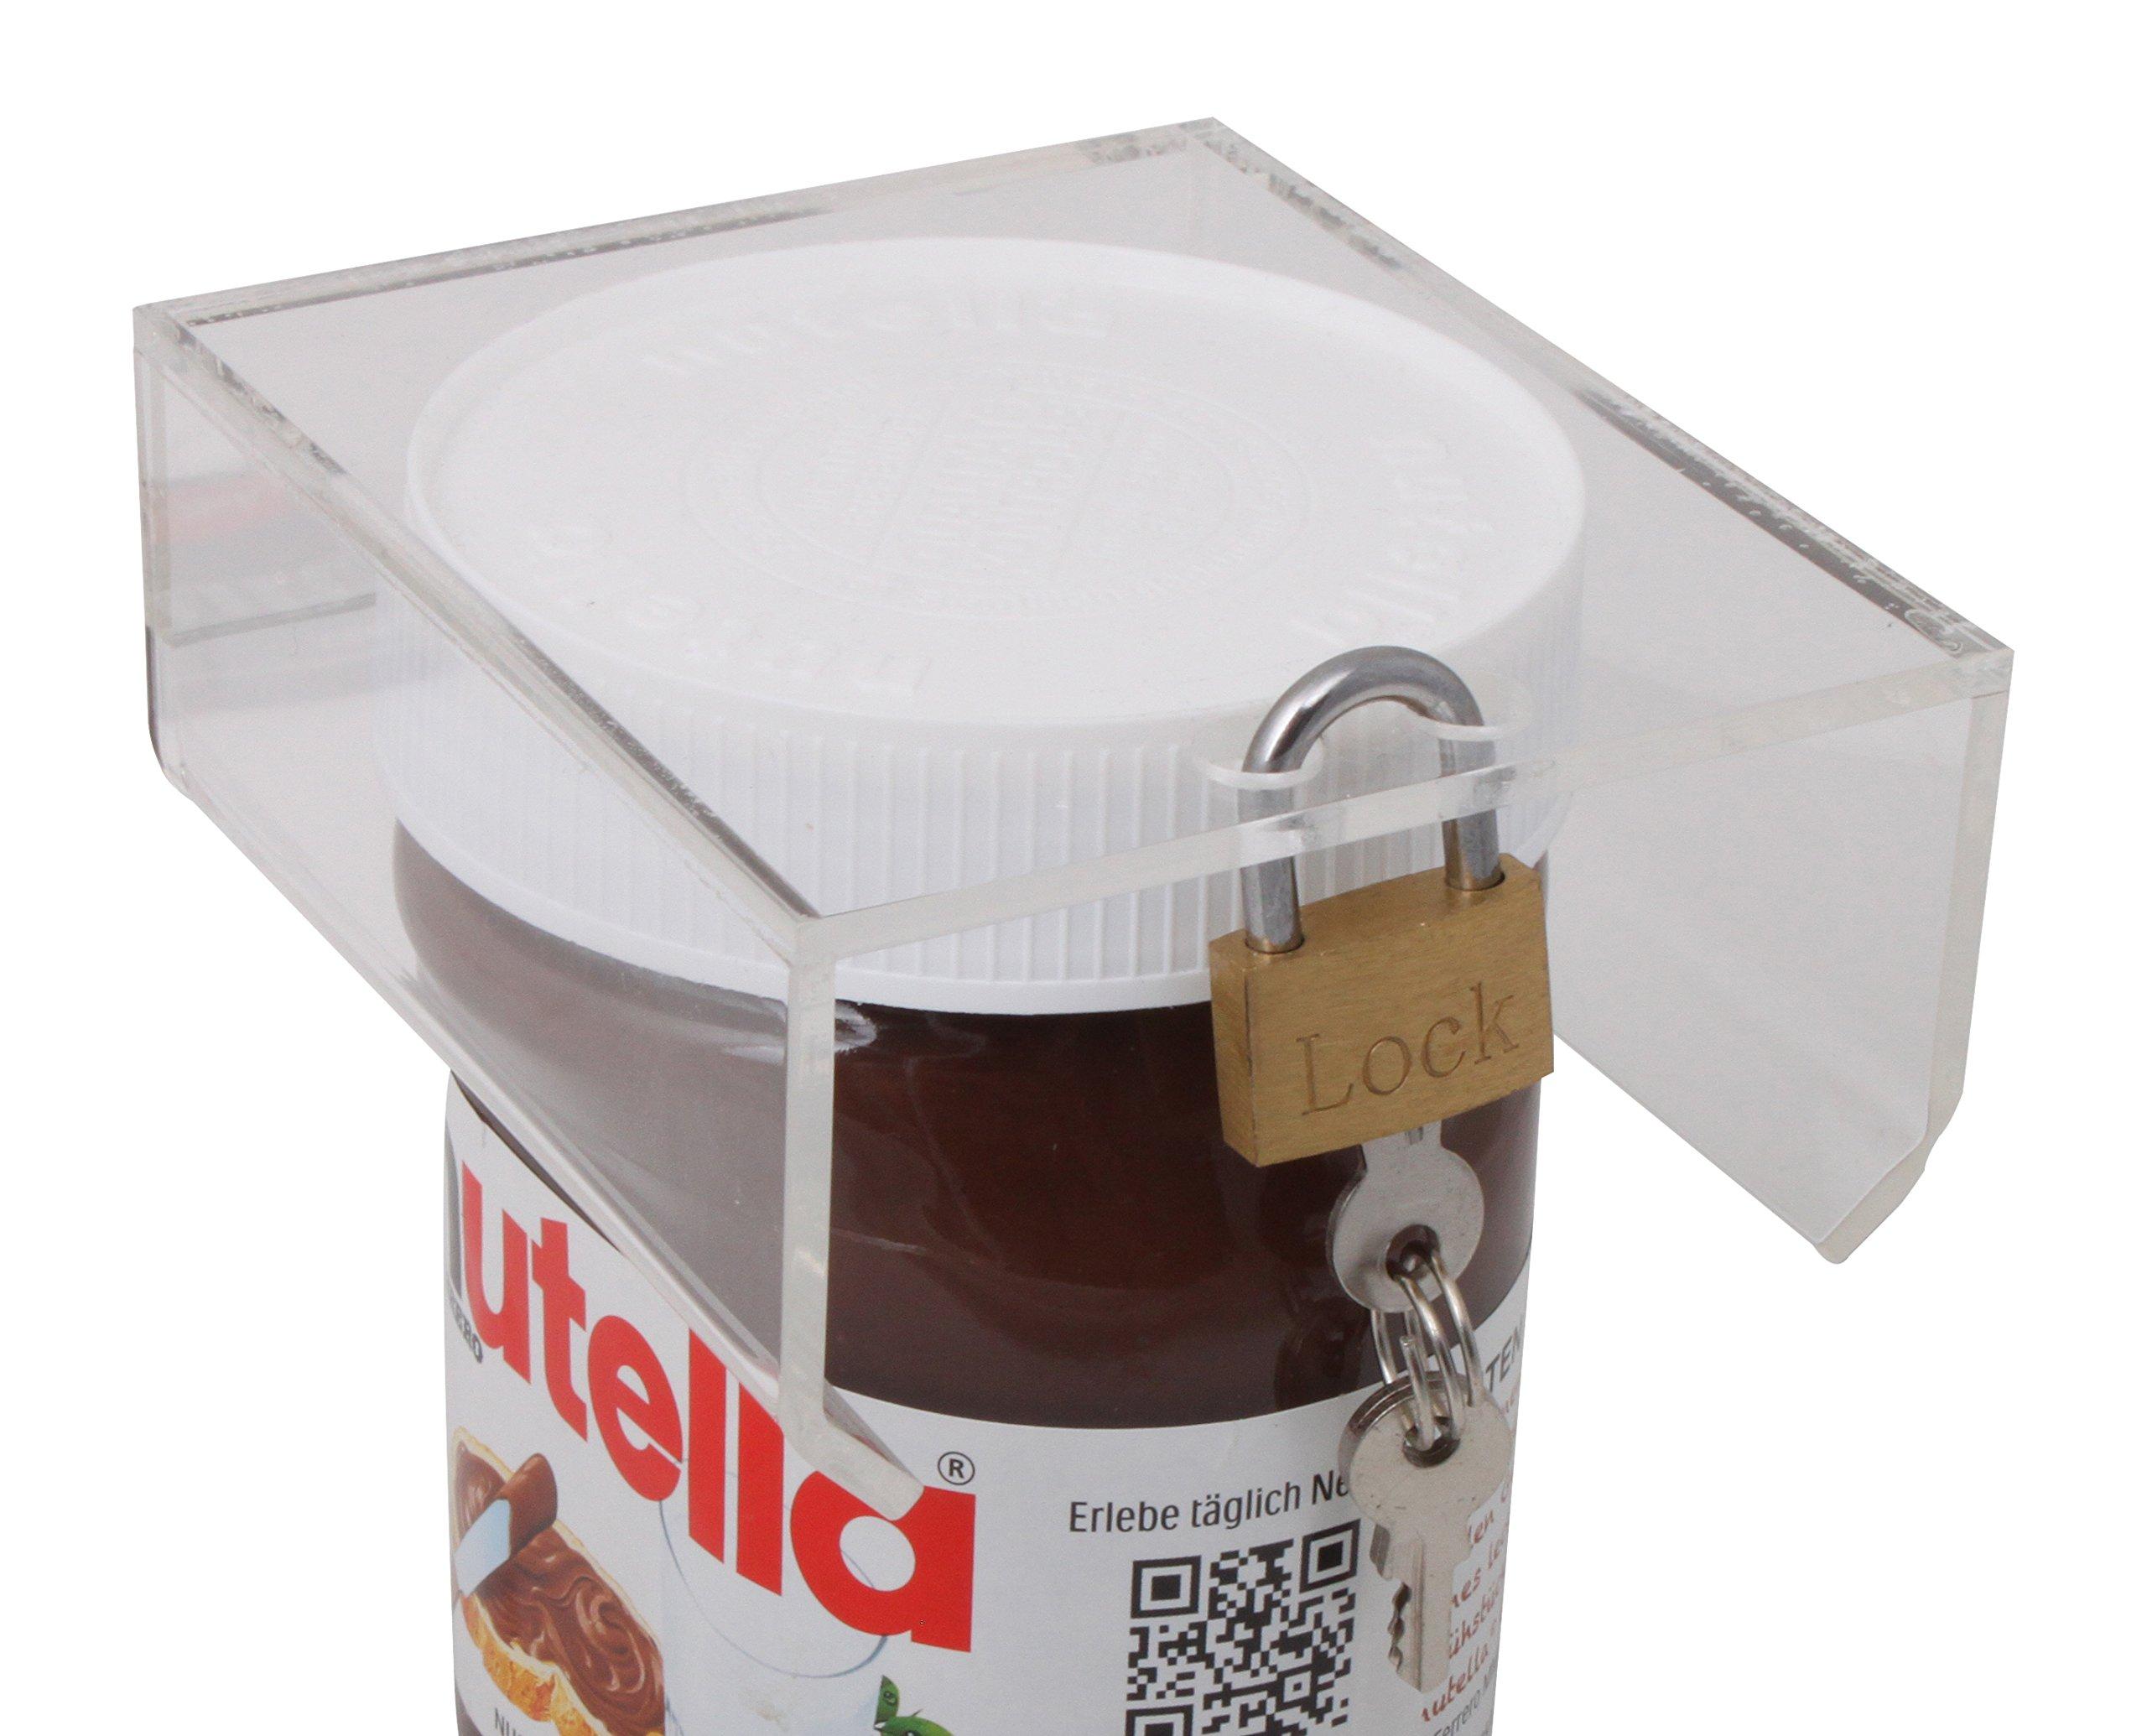 Solutions2GoCouvercle Malin en Verre Acrylique pour Pot de pâte à tartiner